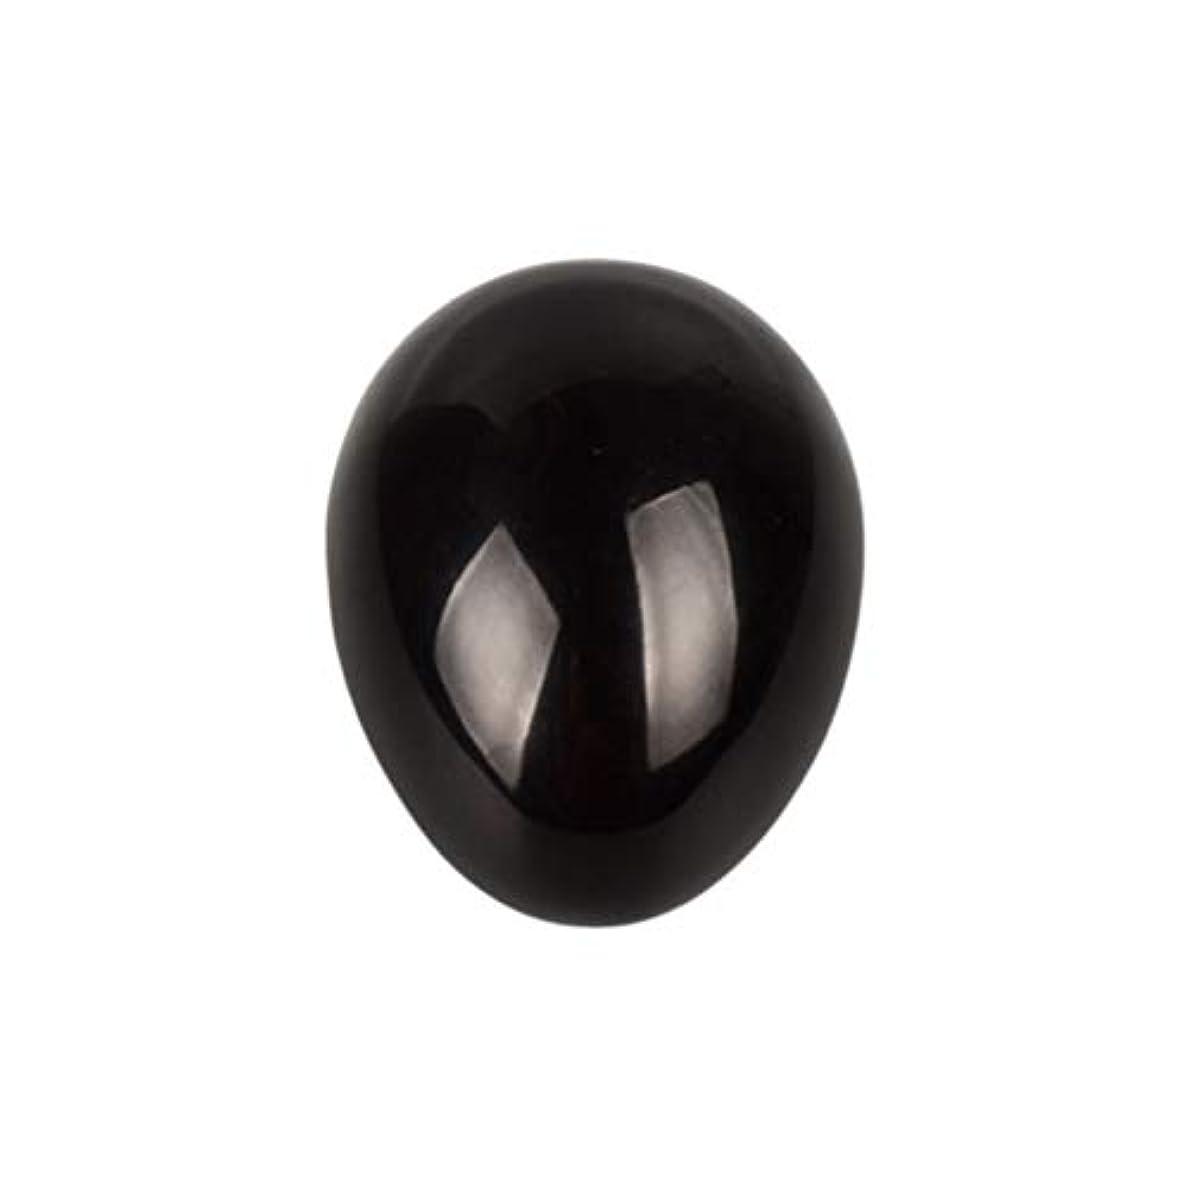 スワップ定期的な想定SUPVOX 45×30×30ミリメートルのバランスをとる瞑想チャクラを癒すための黒曜石宝石用原石の卵球